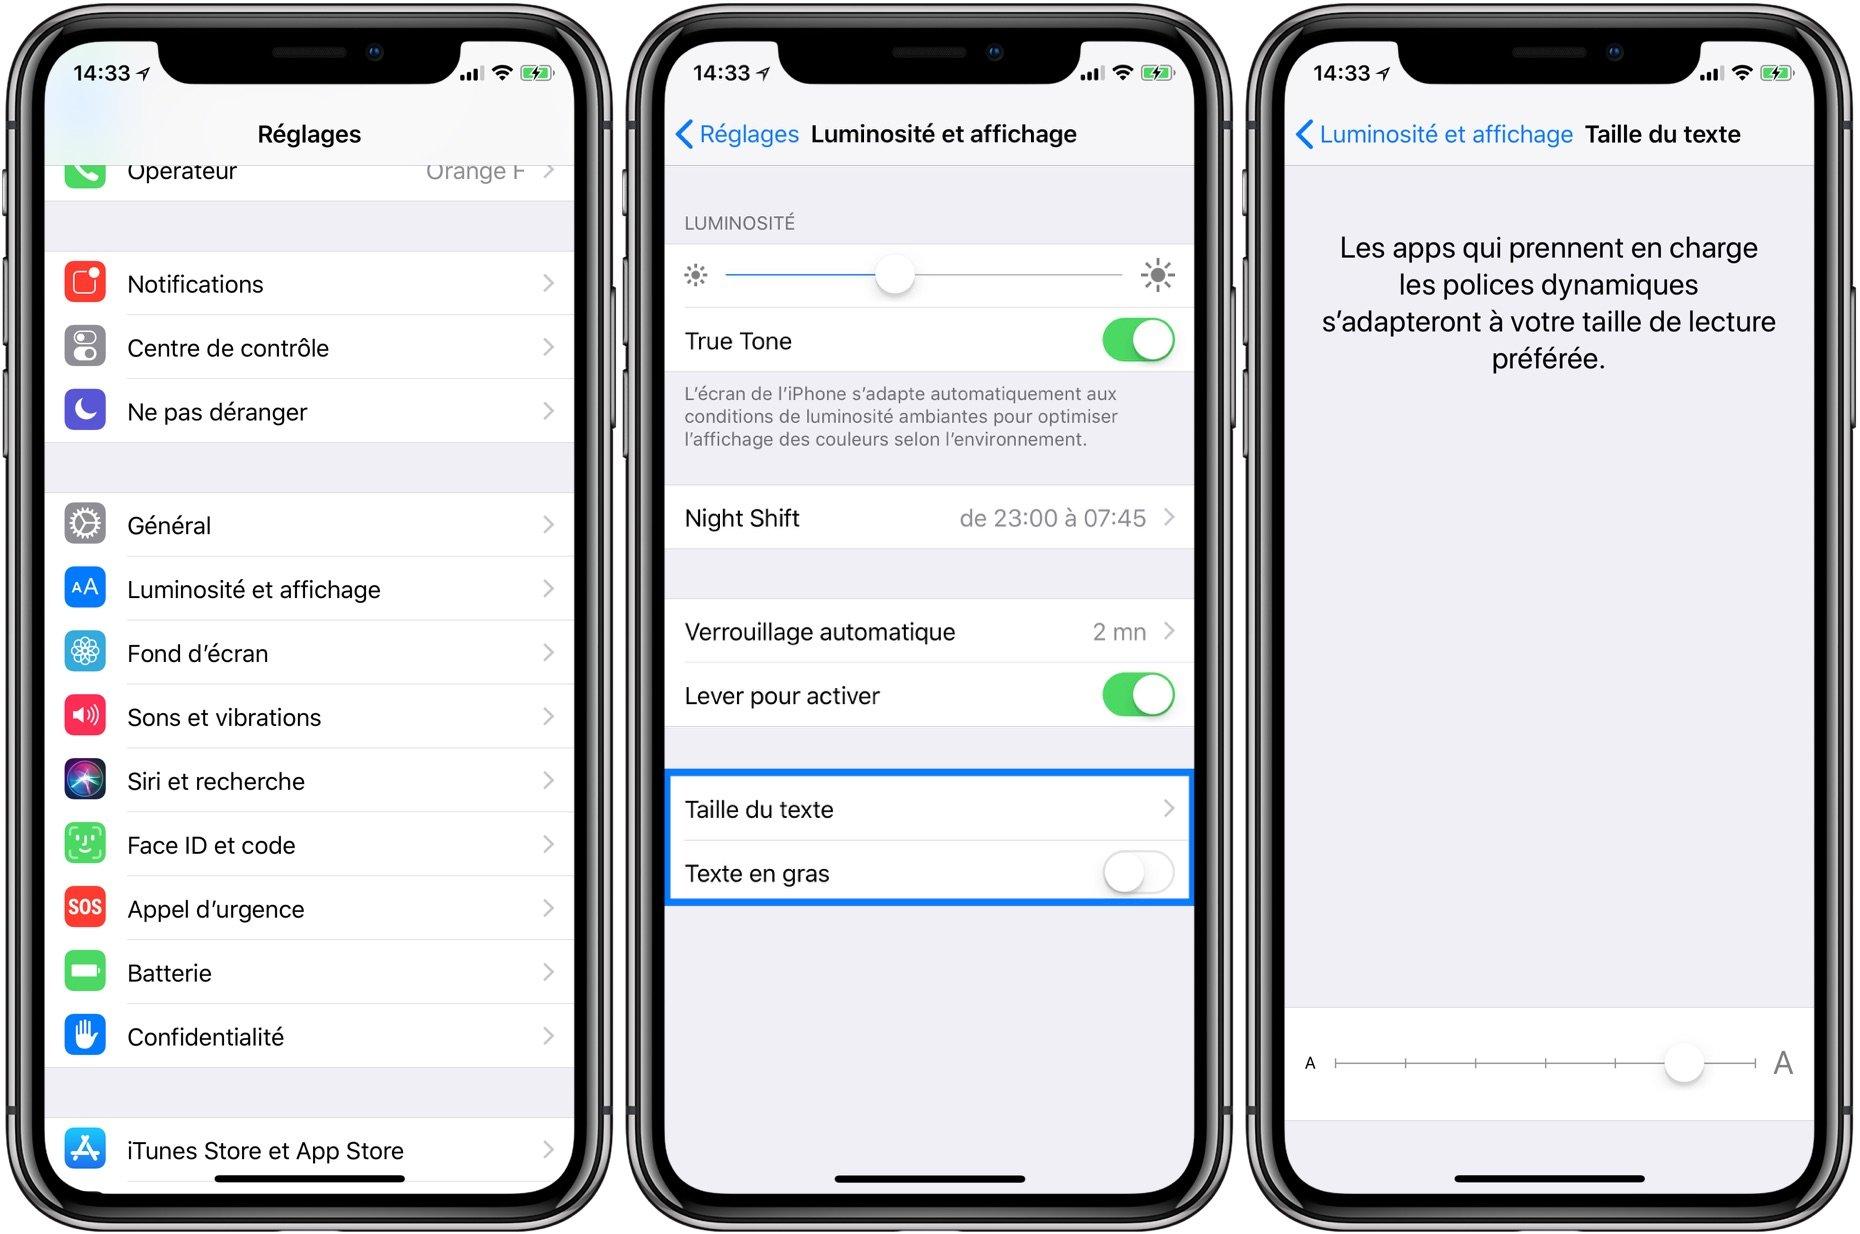 comment augmenter la taille des textes et les mettre en gras par d u00e9faut sur iphone  ipad  apple